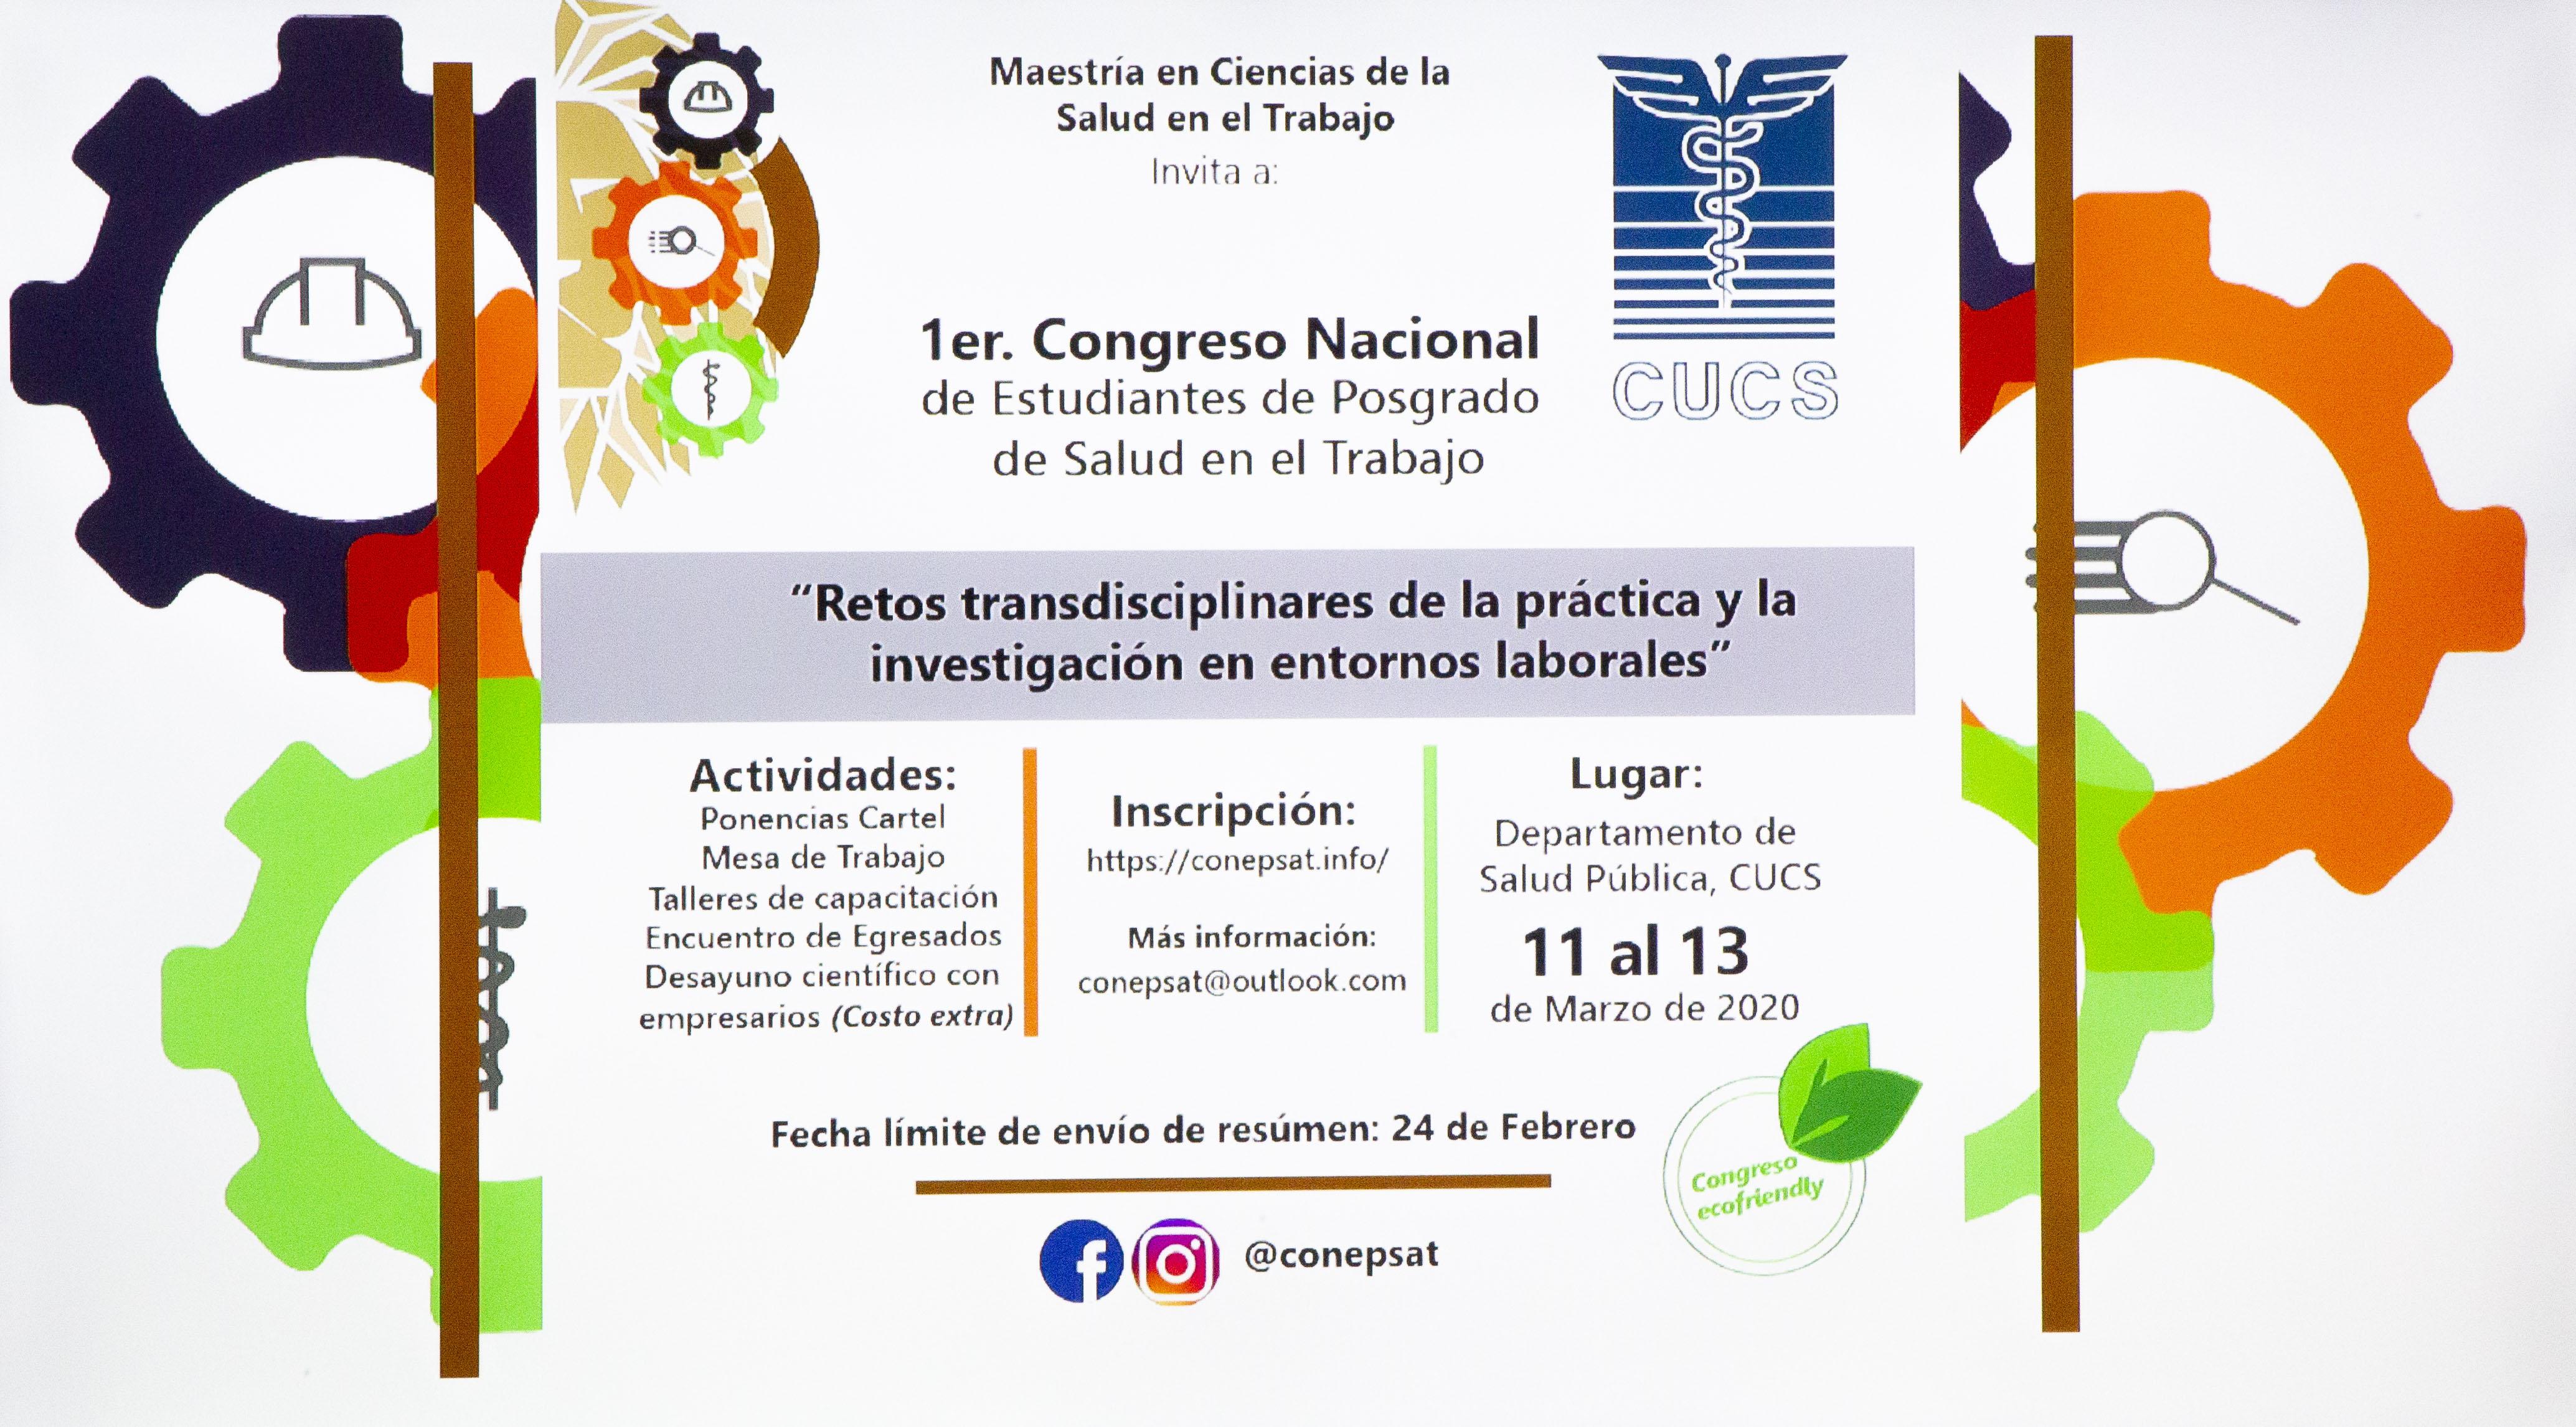 Cartel promocional del 1er Congreso de Estudiantes de Posgrado de Salud en el Trabajo